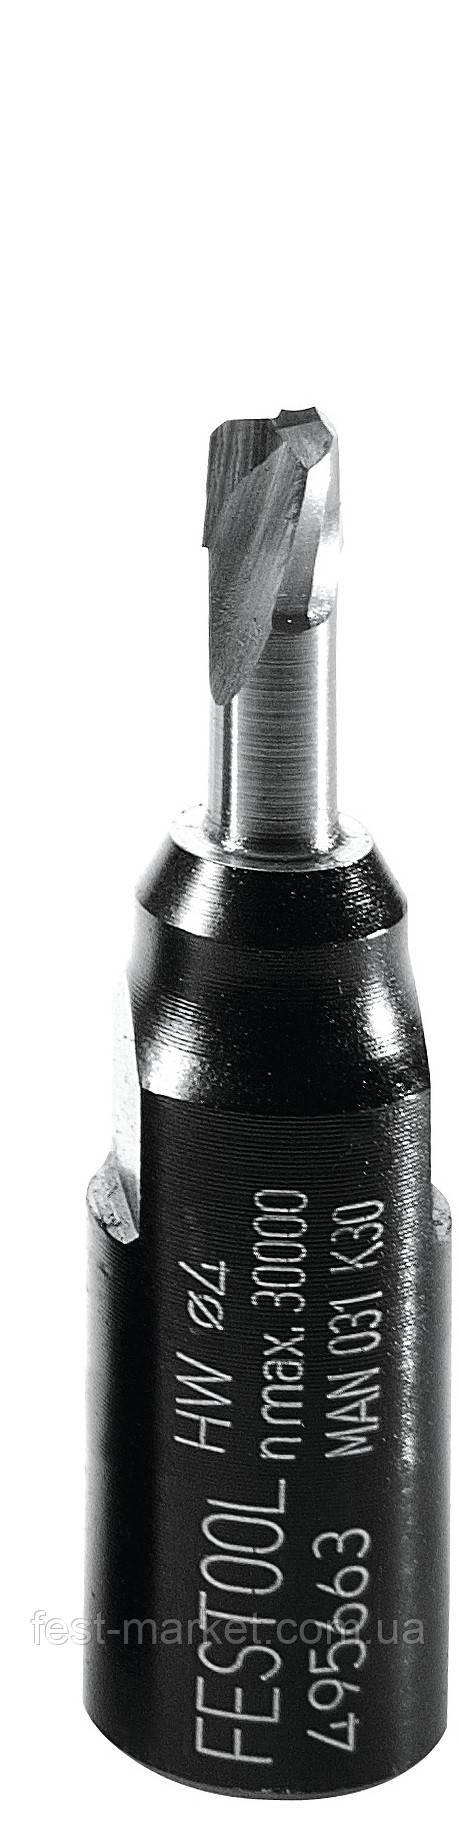 Фреза для фрезера DF 500 Festool Domino, D 4, оригинальная Festool 495663